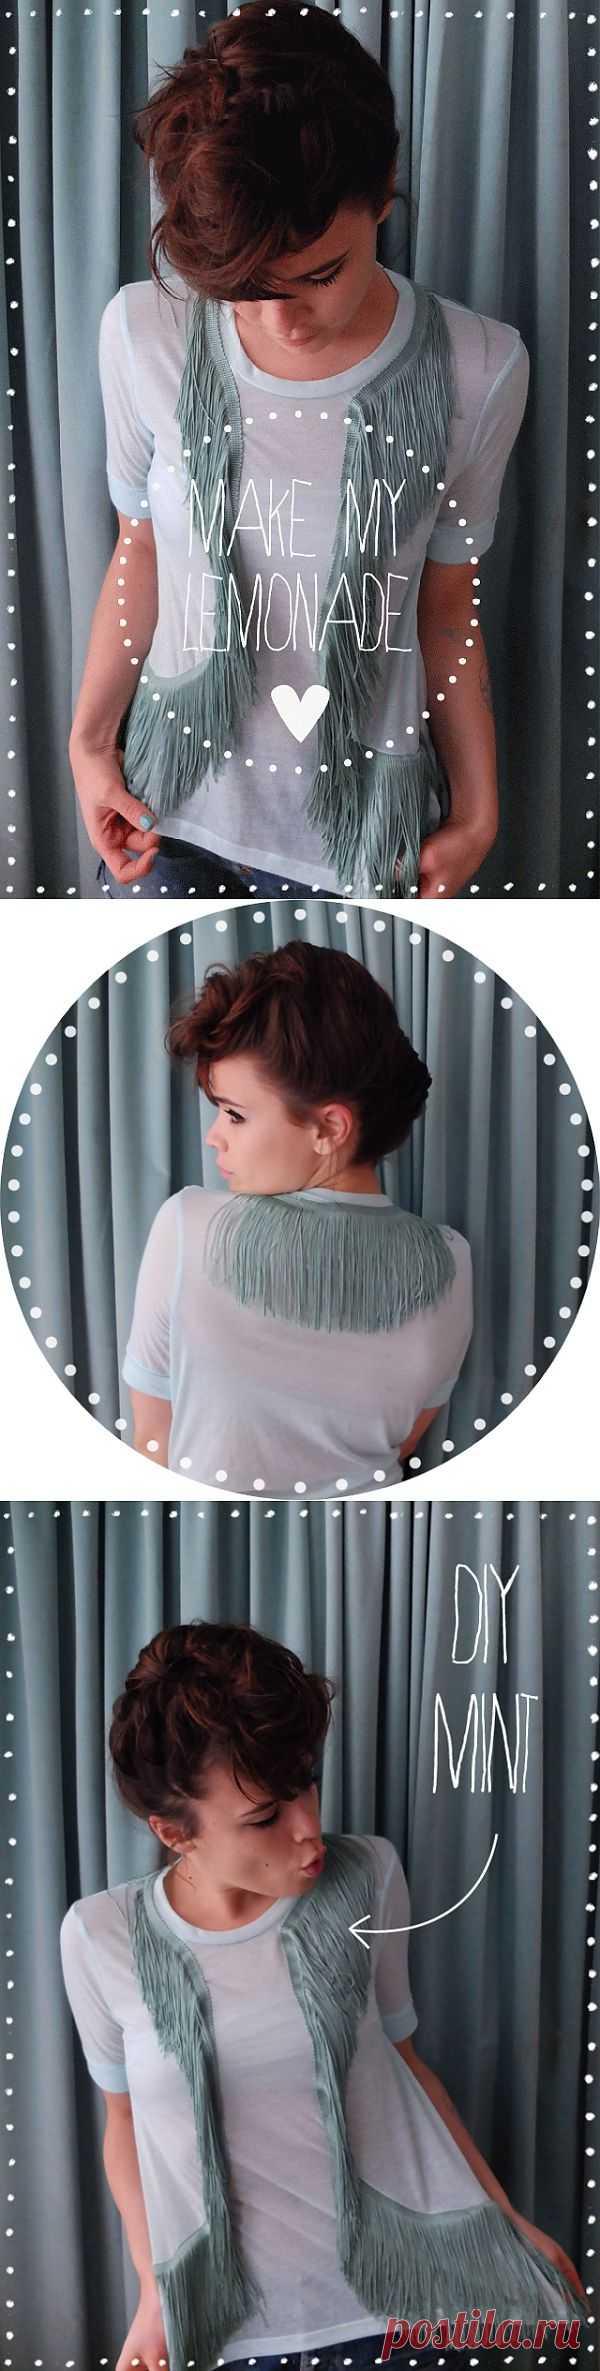 Декор футболки бахромой (мастер-класс) / Футболки DIY / Модный сайт о стильной переделке одежды и интерьера